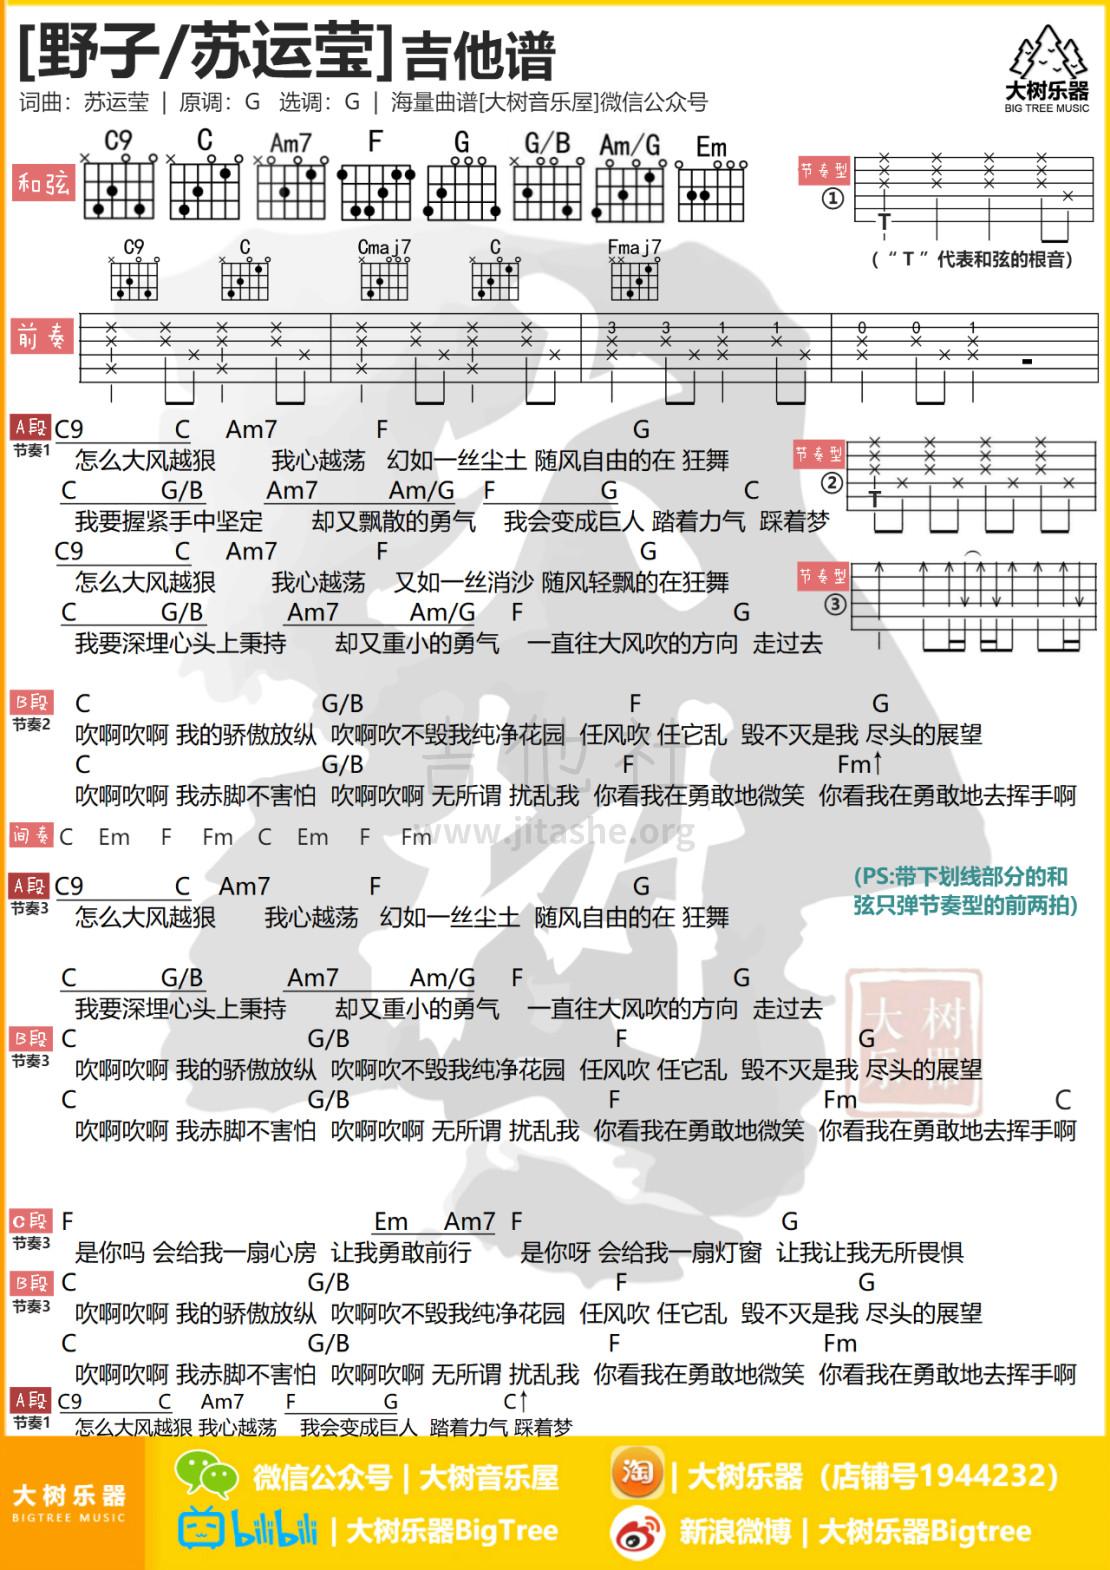 野子吉他谱(图片谱,弹唱,和弦谱,大树音乐)_苏运莹_模板_meitu_3_meitu_2_meitu_1.jpg